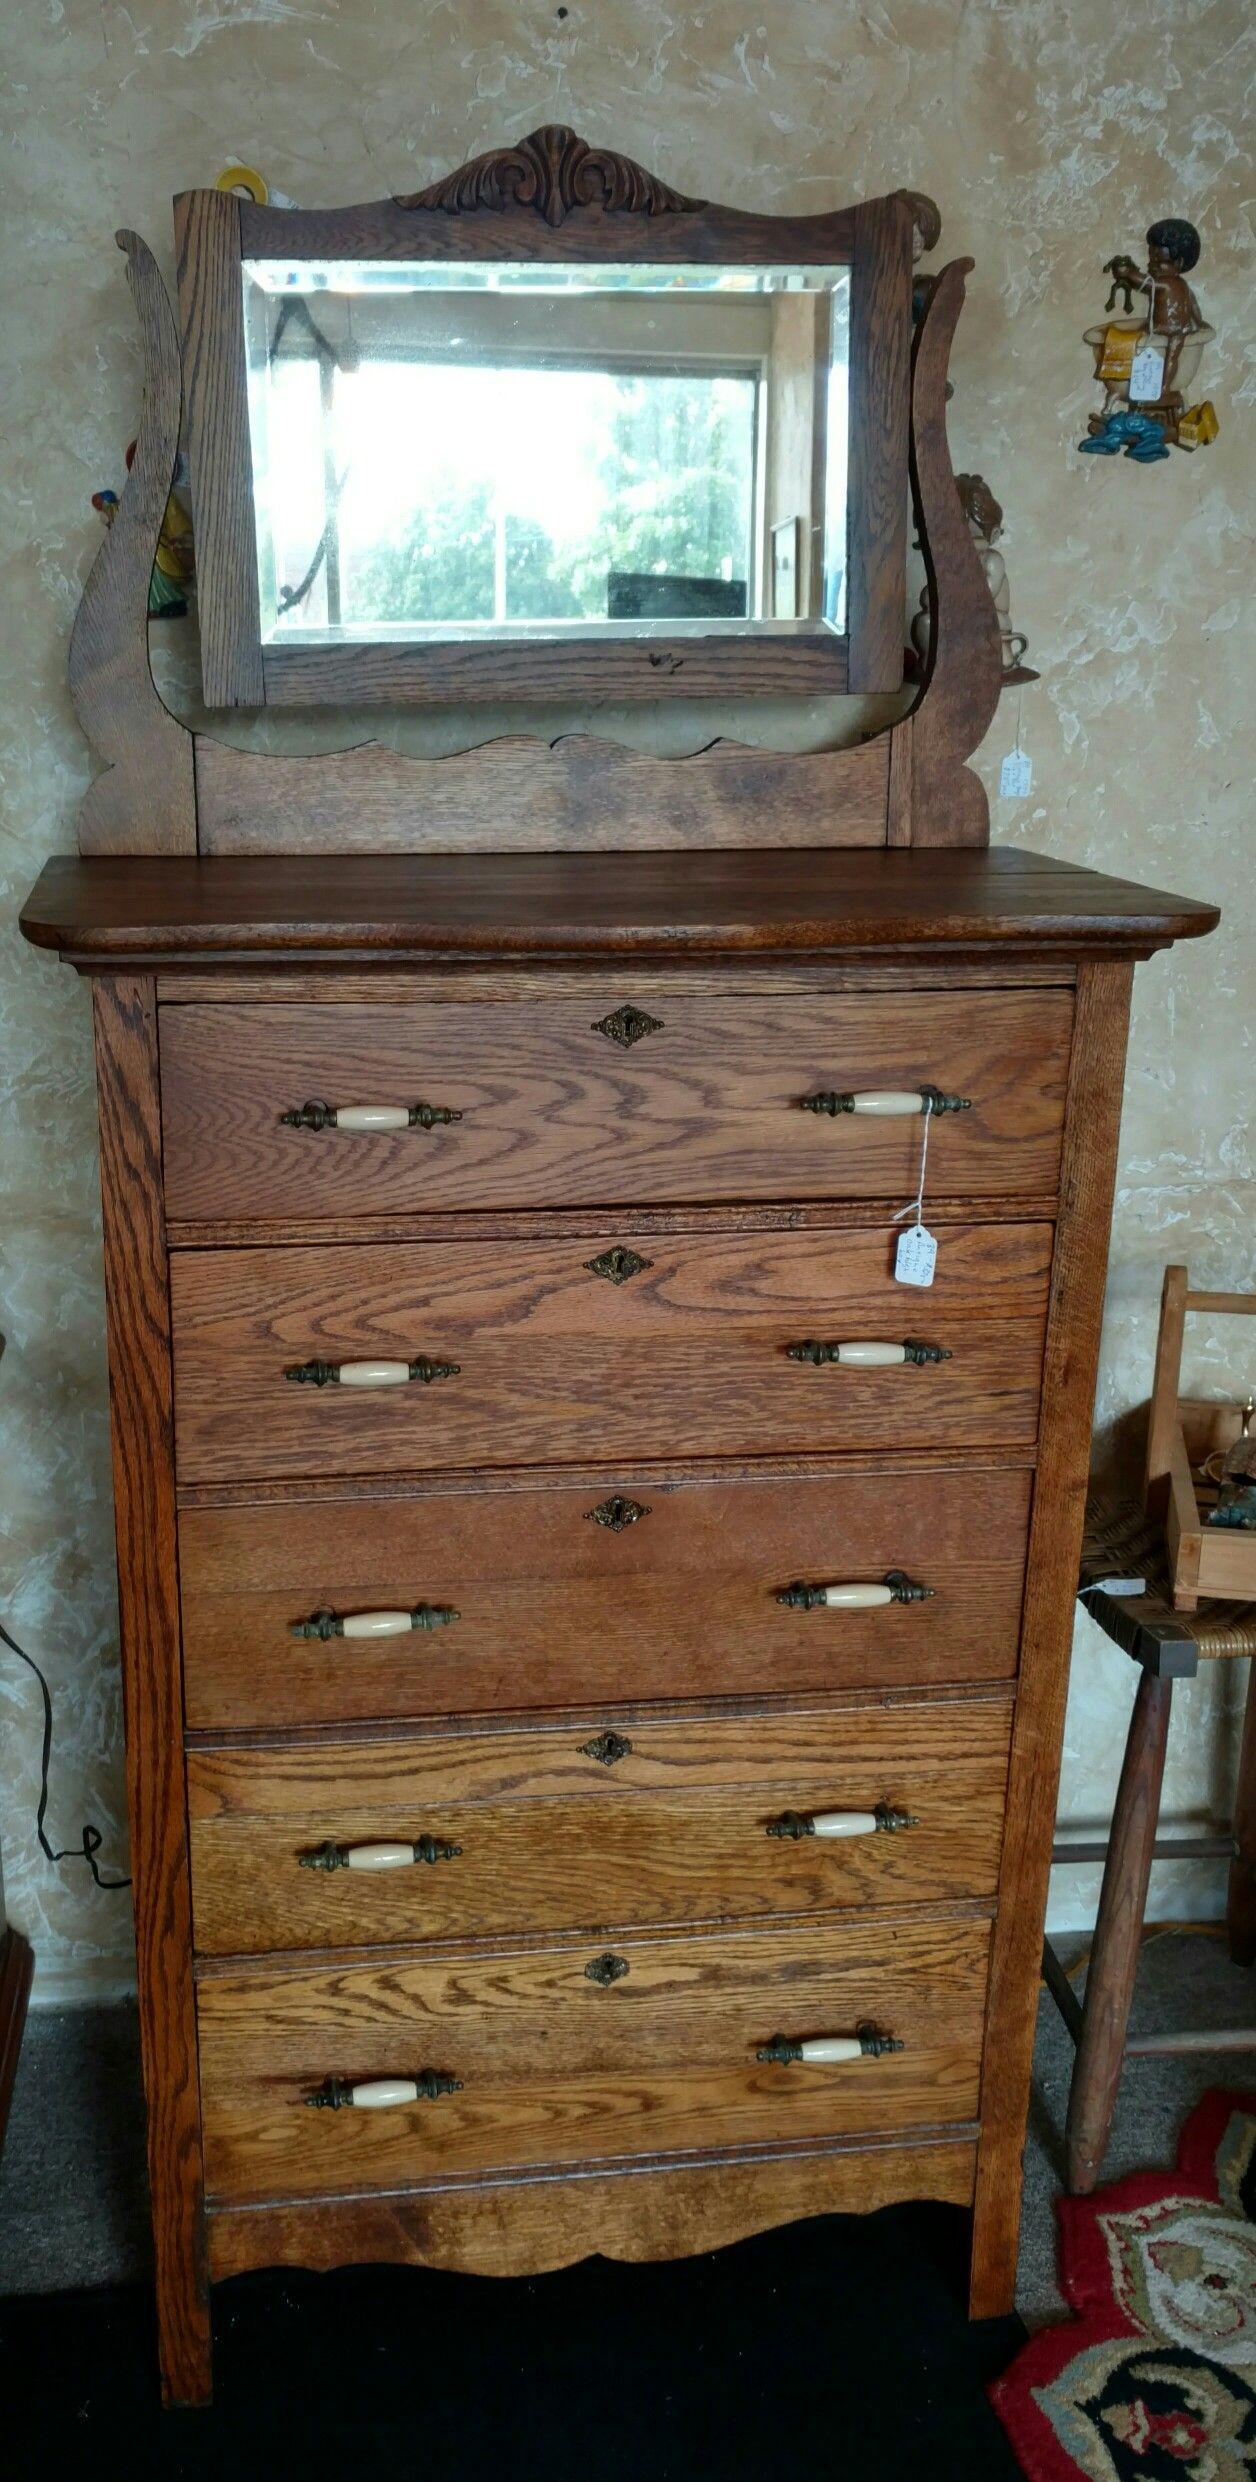 Refinished antique oak hi-boy. - Refinished Antique Oak Hi-boy... Odds & Ends In 2018 Pinterest